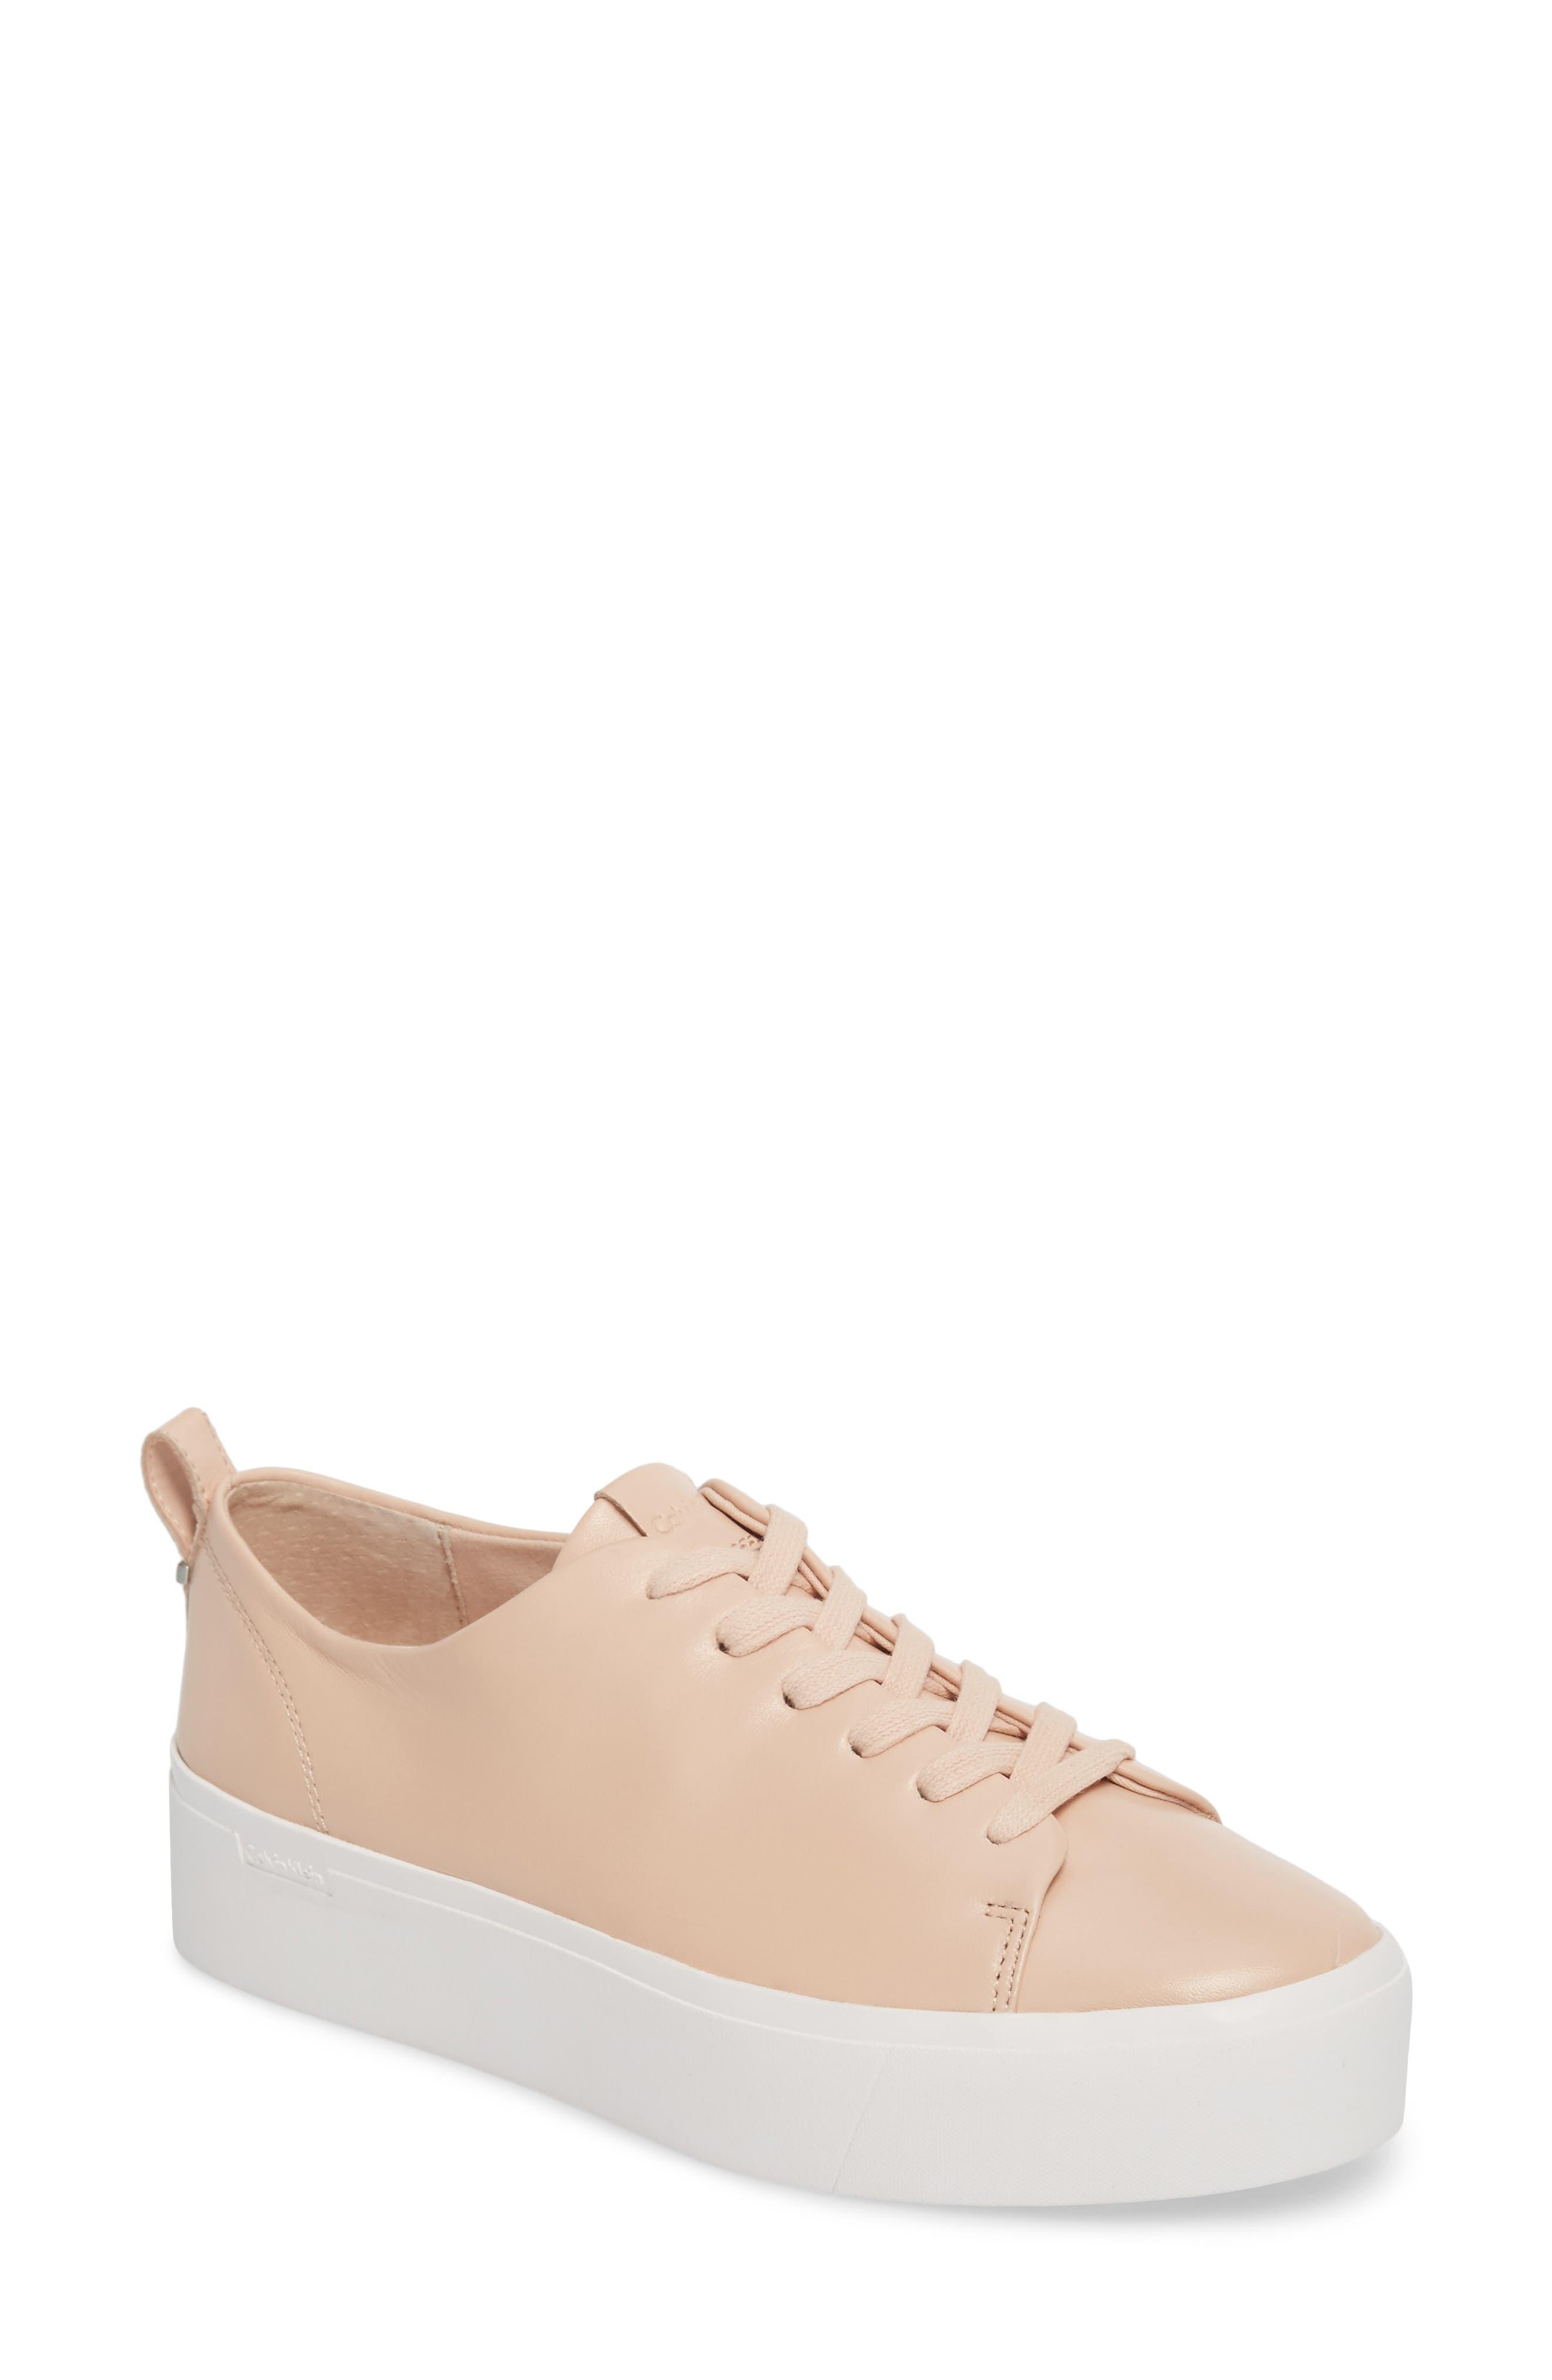 Janet Platform Sneaker,                         Main,                         color, Pink Leather